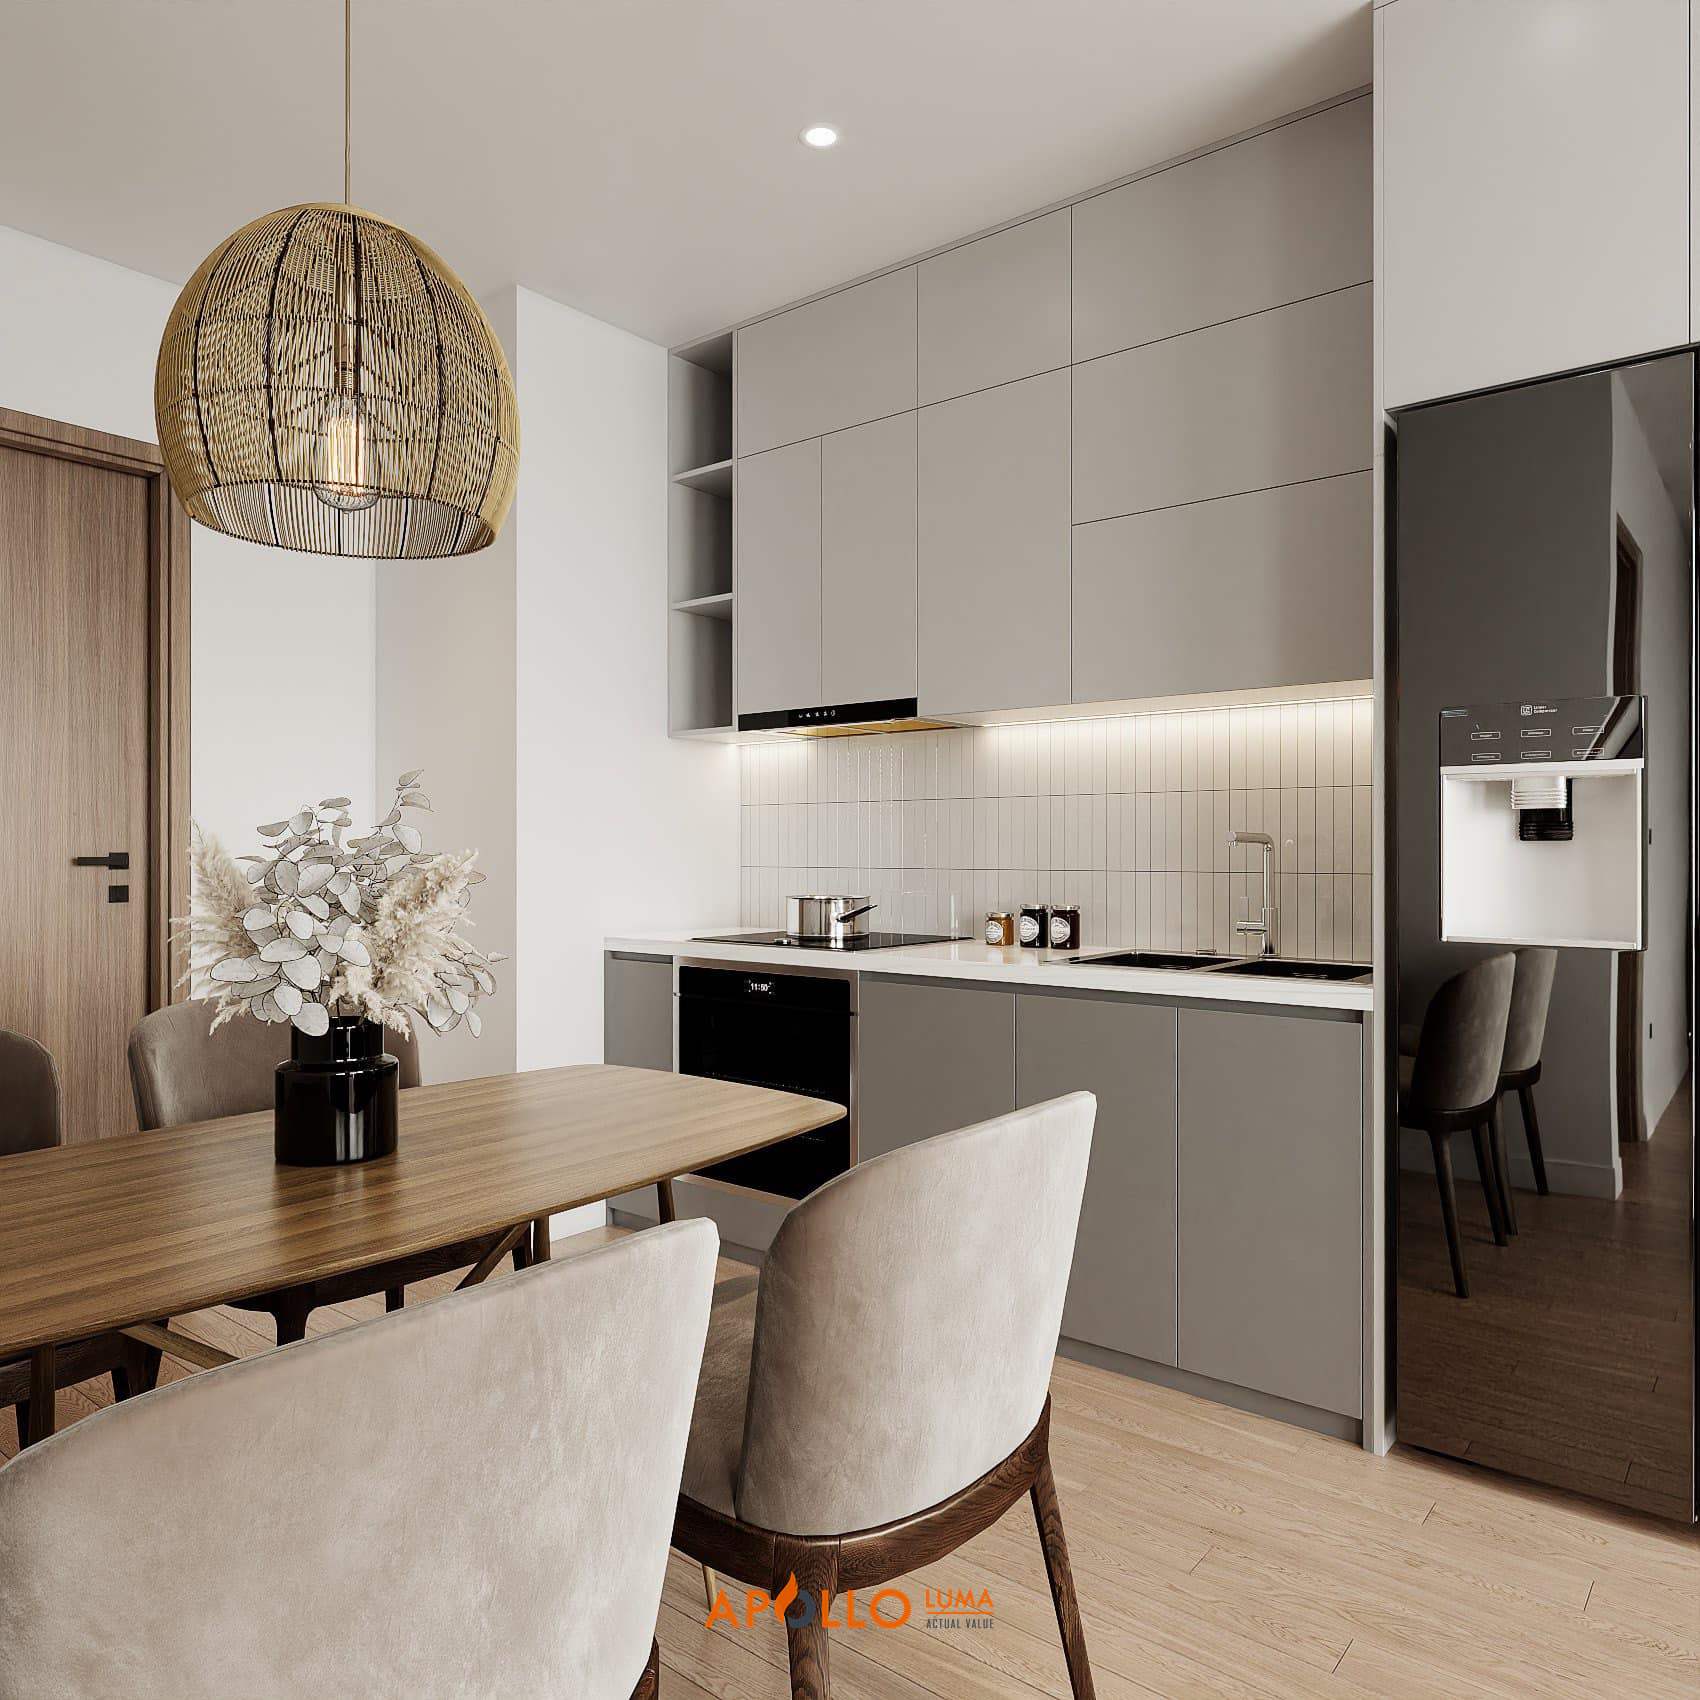 Thiết kế nội thất căn 2PN+2WC (63m2) S4.02-05 Vinhomes Smart City